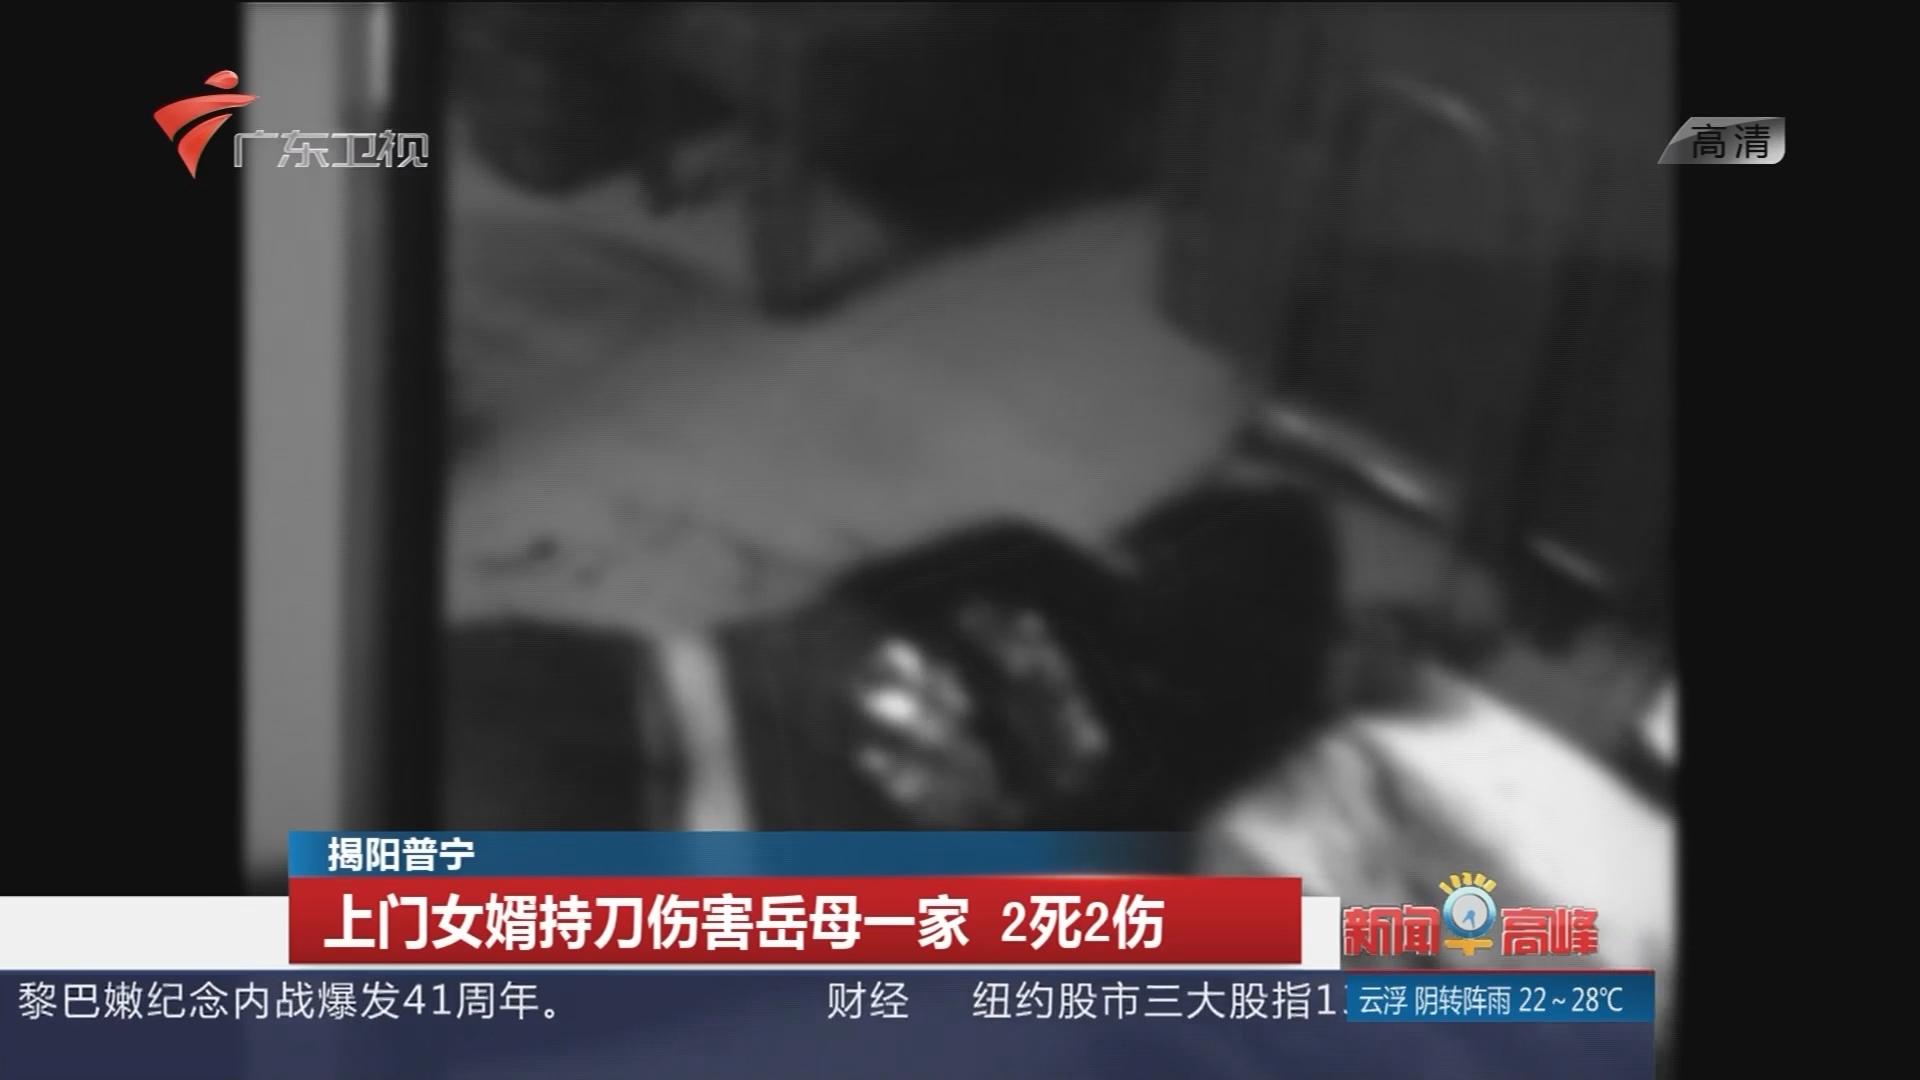 揭阳普宁:上门女婿持刀伤害岳母一家 2死2商